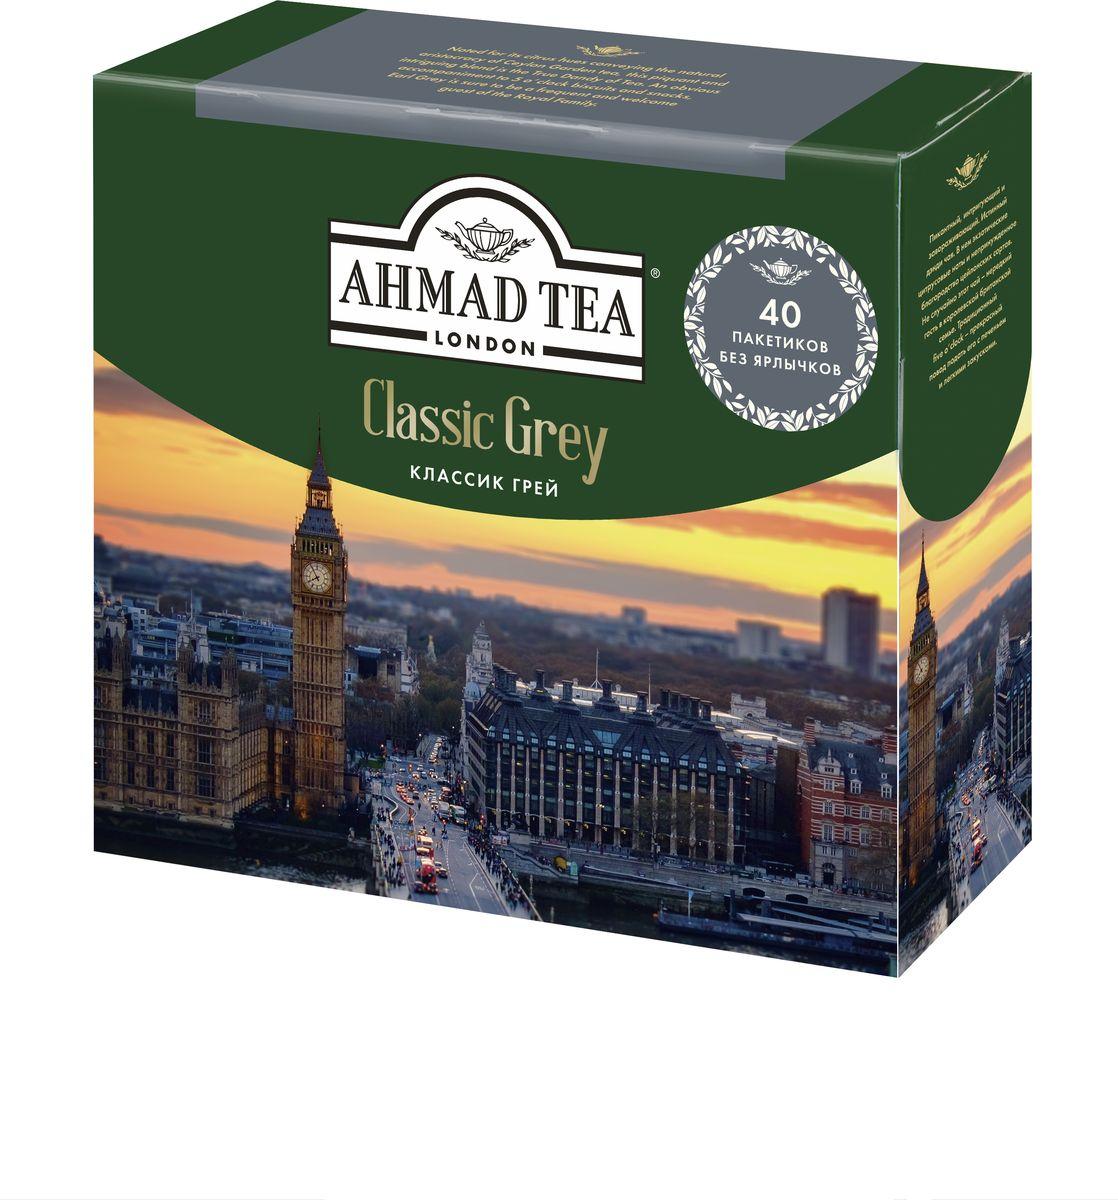 Ahmad Tea Classic Grey черный чай в пакетиках без ярлычков, 40 шт ahmad tea earl grey черный листовой чай 100 г ж б